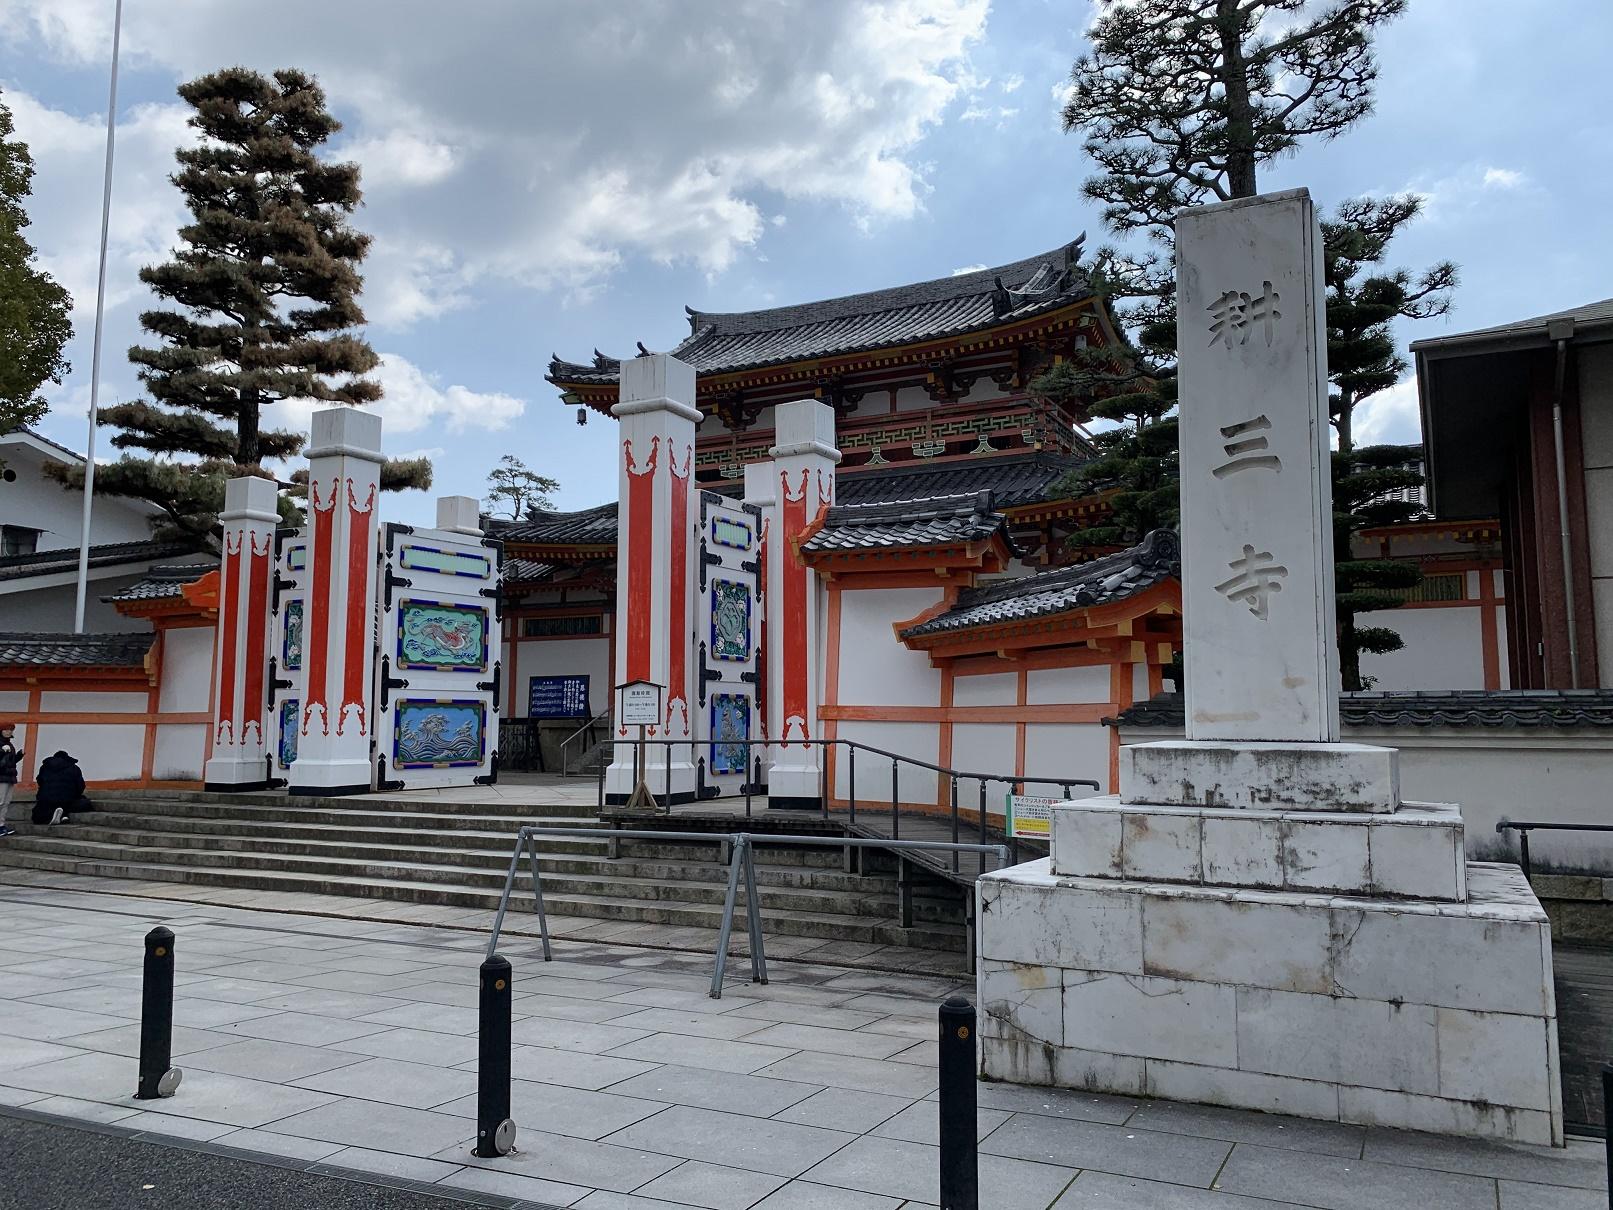 大きな門構え 石碑に耕三寺